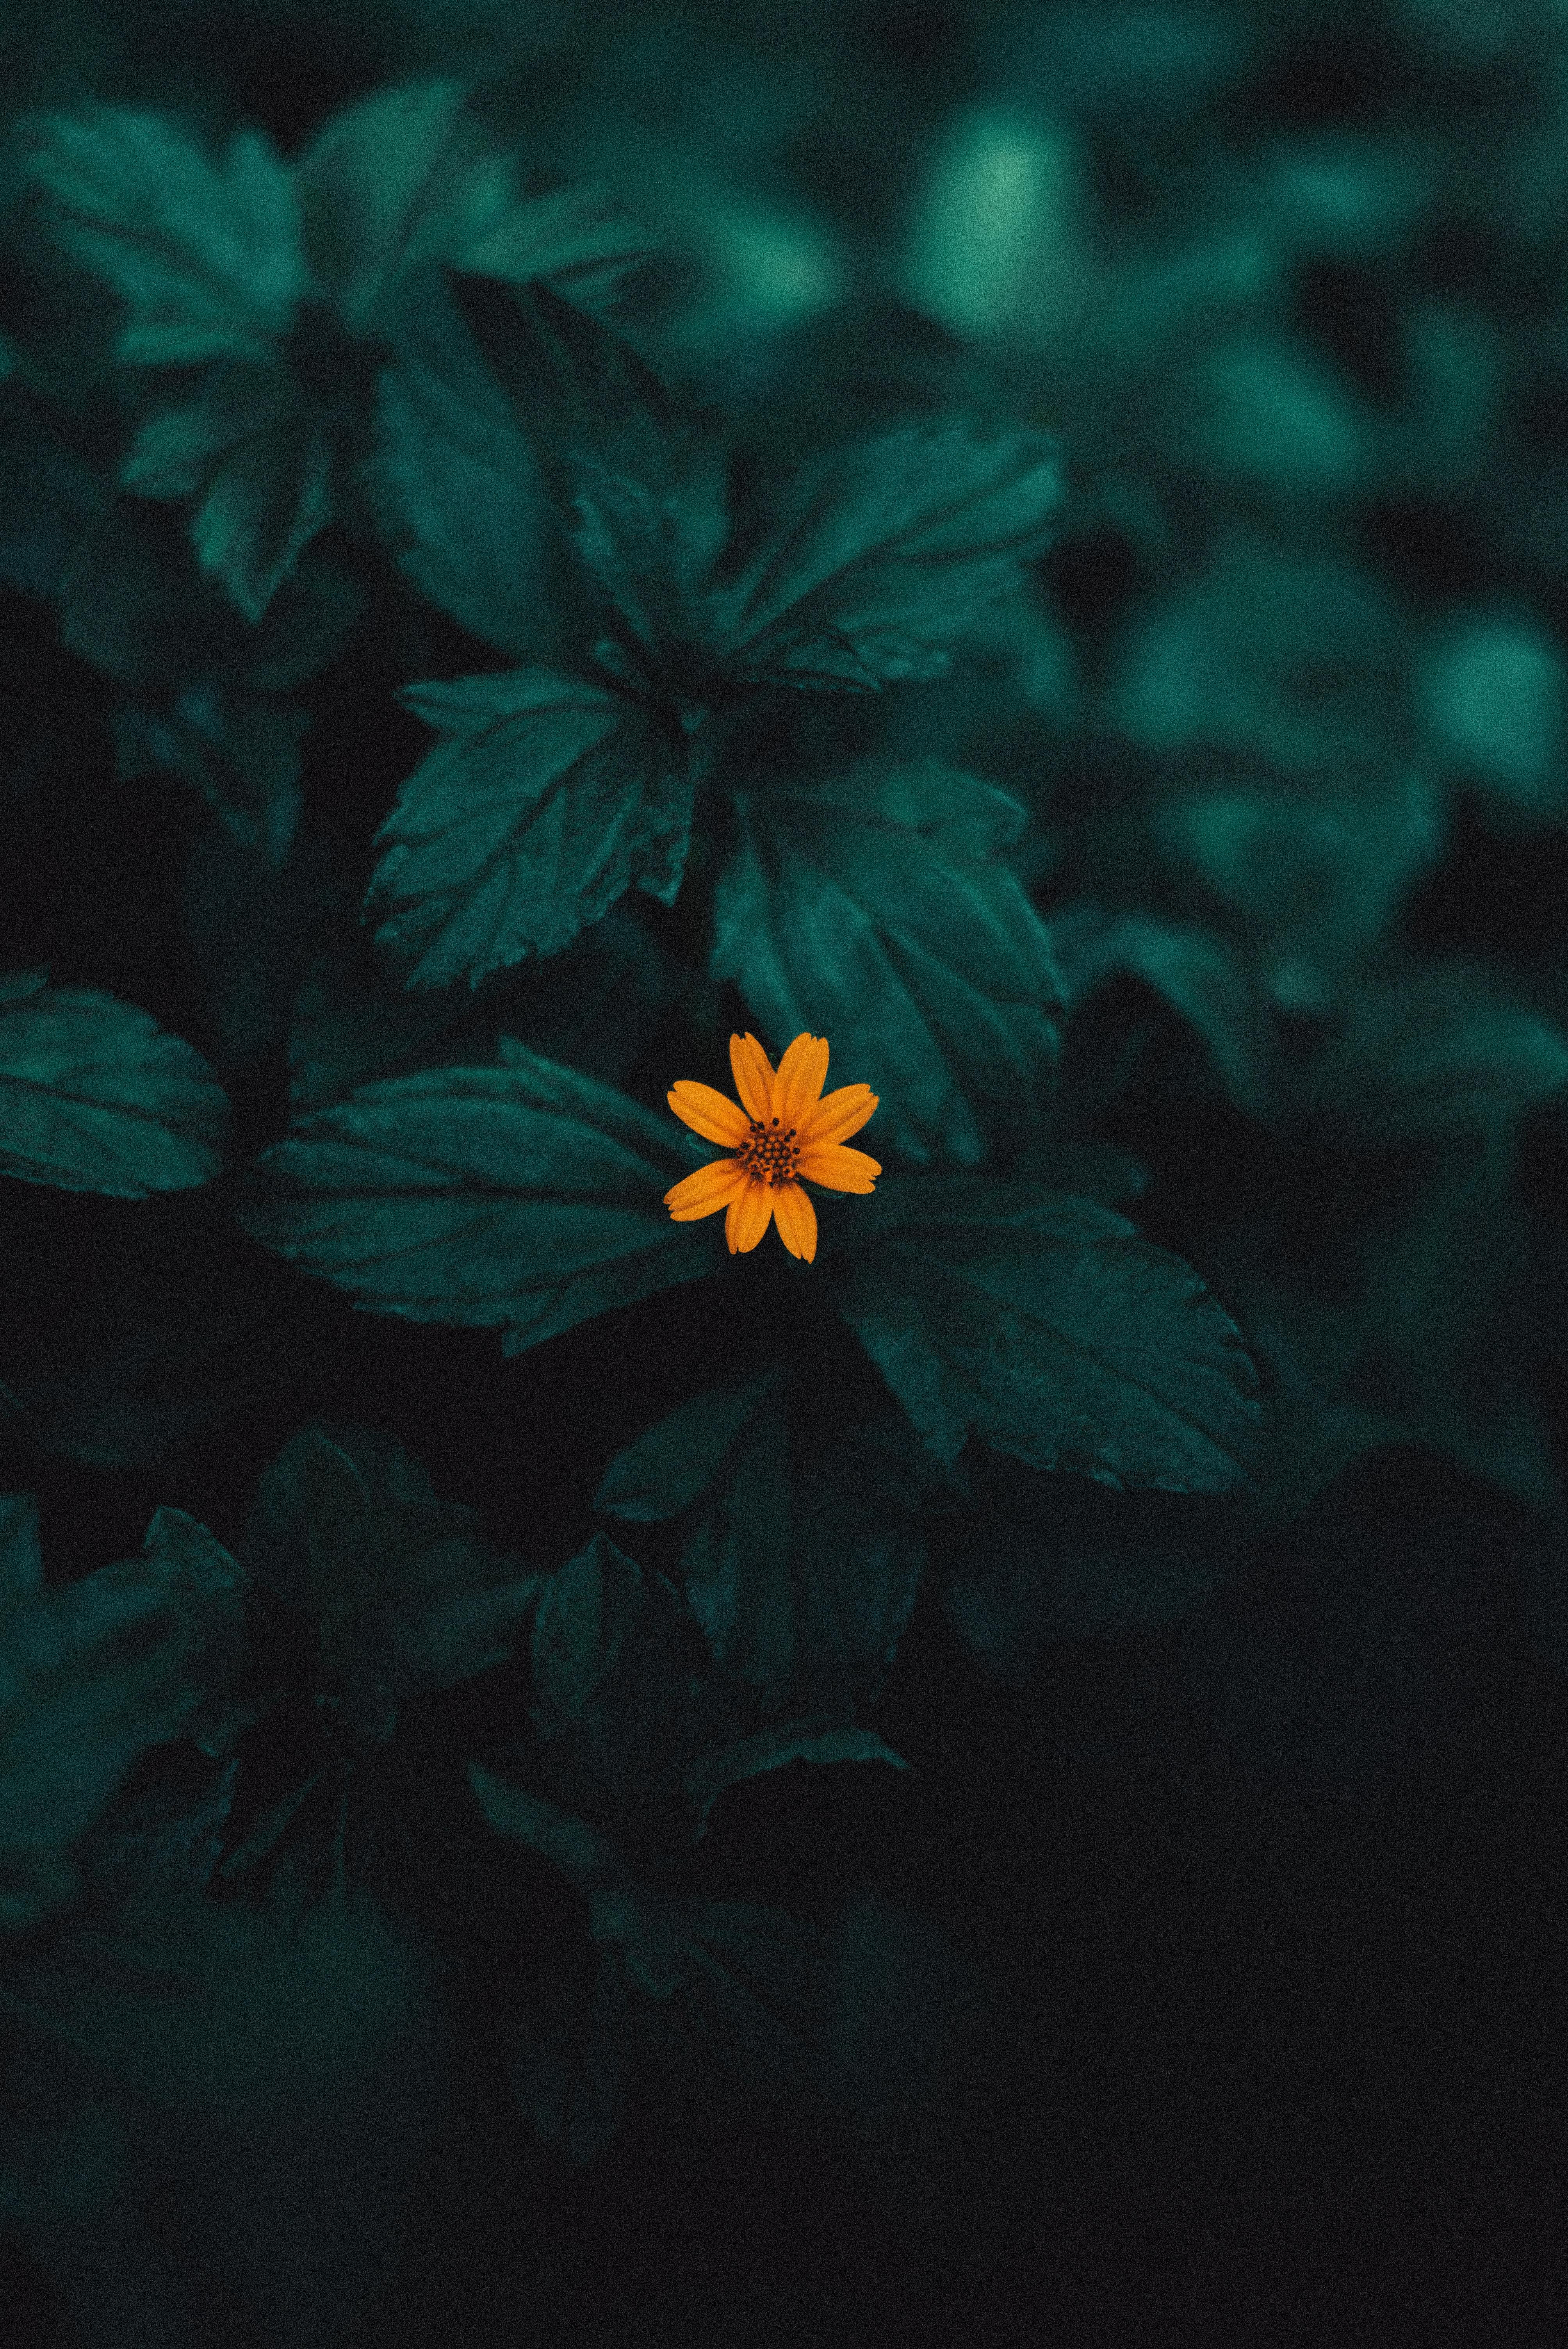 136833 скачать обои Макро, Цветок, Растение, Желтый - заставки и картинки бесплатно